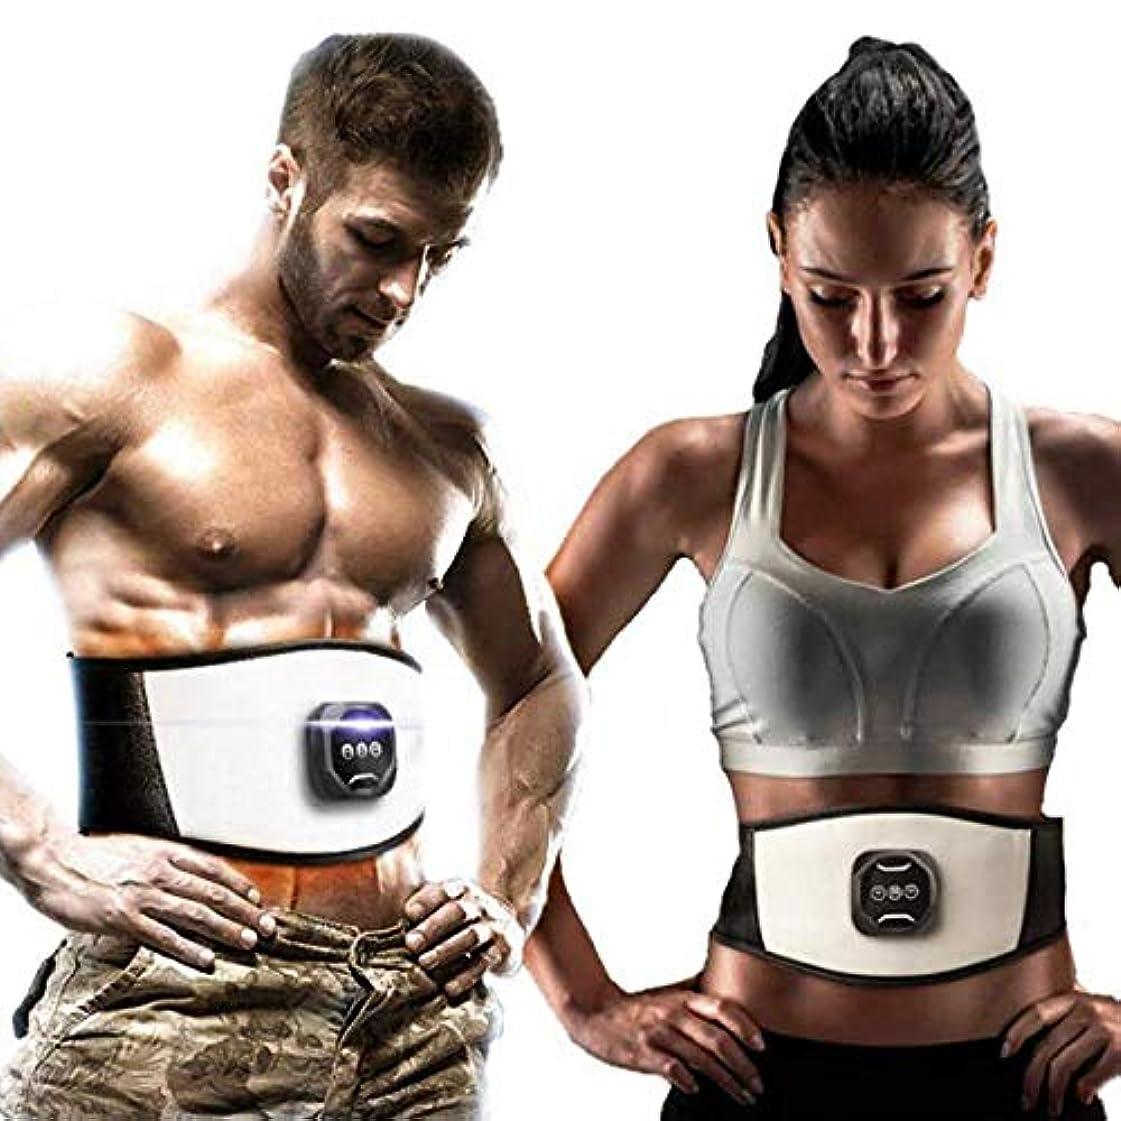 バブル組み合わせ記憶に残る腹部スリミング調整PUベルト電子筋刺激トーニングウエストトレーナー損失重量脂肪ボディマッサージ